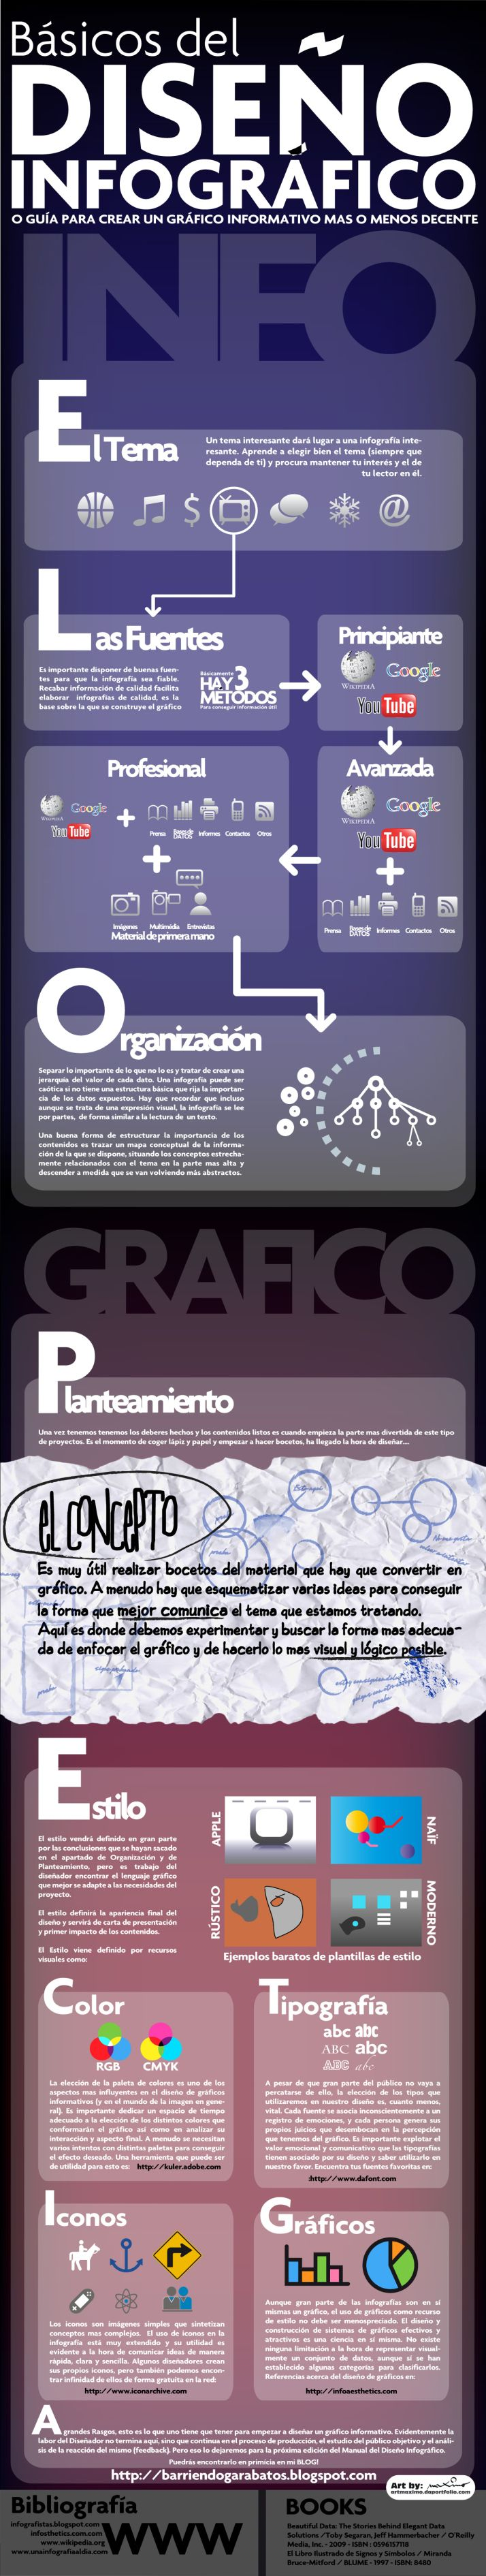 Guía completa para elaborar buenas infografías